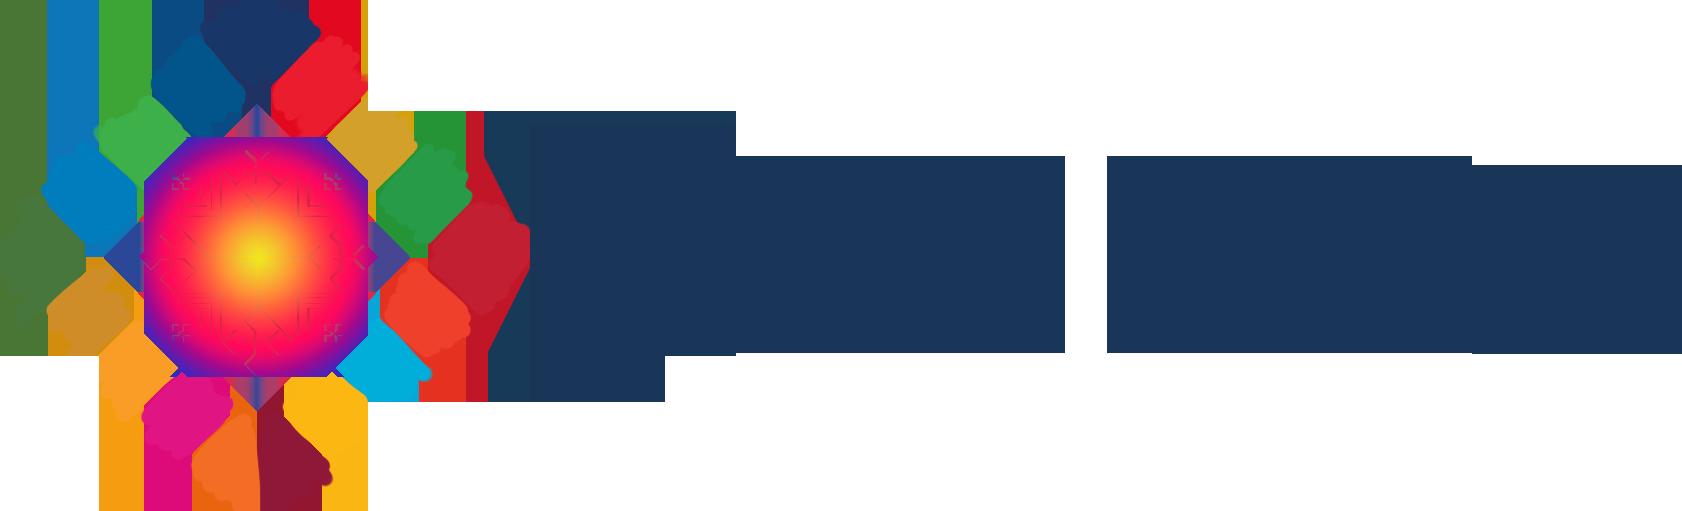 Достижение Целей устойчивого развития в Беларуси